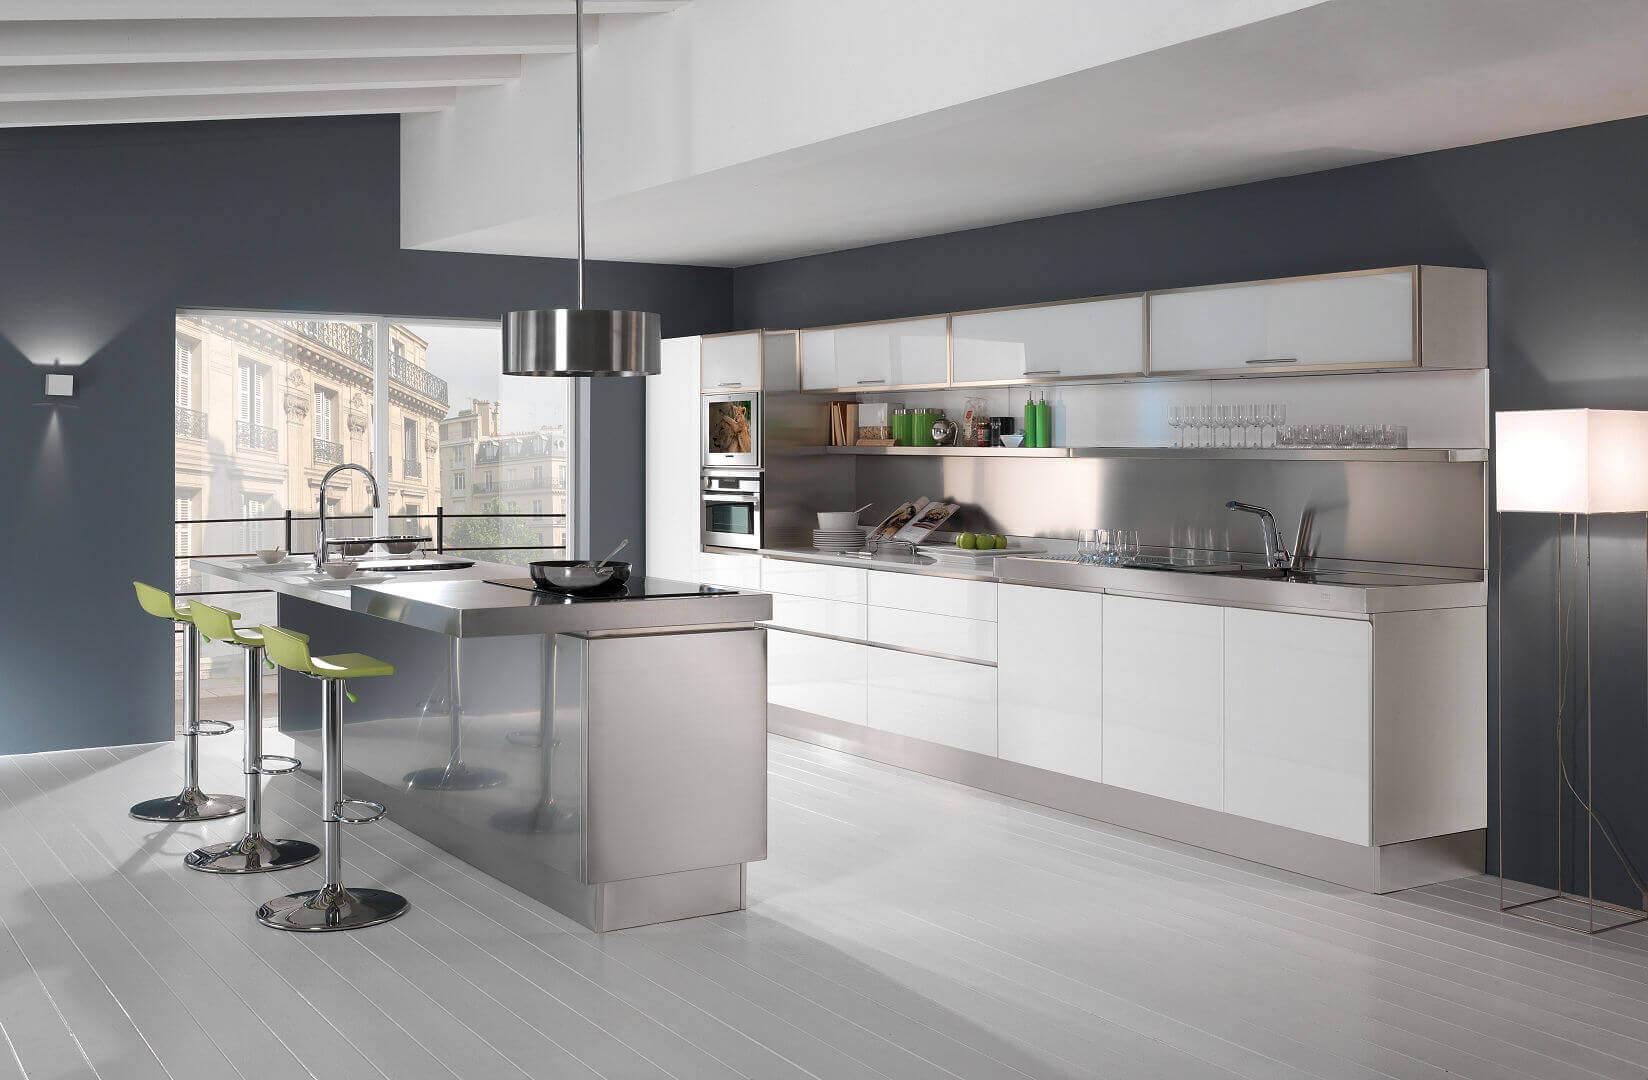 Trend - Arca Cucine Italia - Cucine in Acciaio Inox